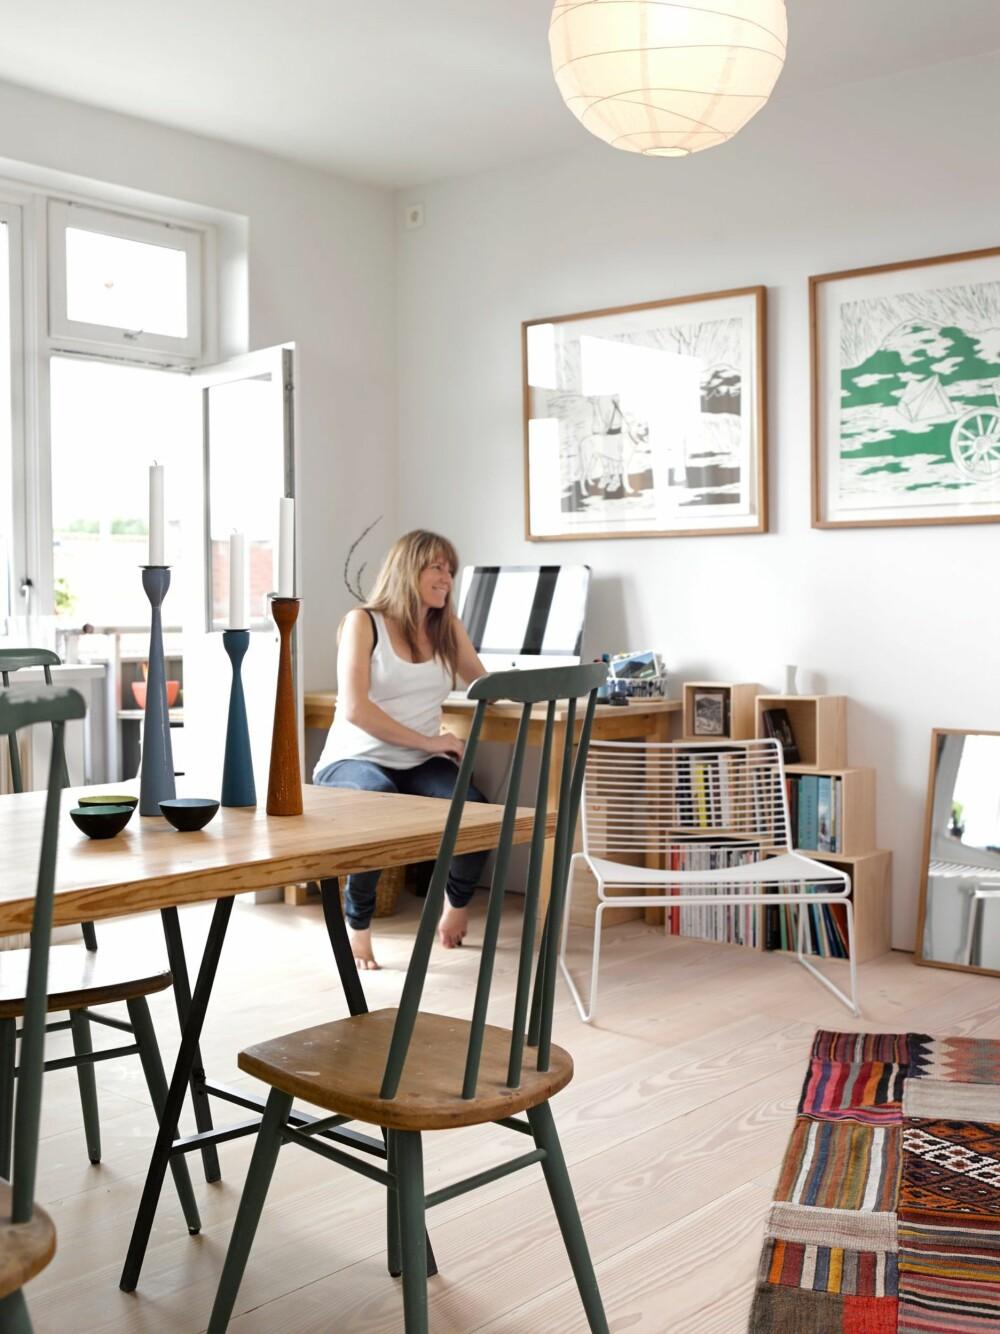 TENK LYS: Leiligheten ligger i femte etasje, og har masse dagslys. Det forsterker den gode romfølelsen i stuen. Bildene av Anne Grefstad ser du helt fra entreen.